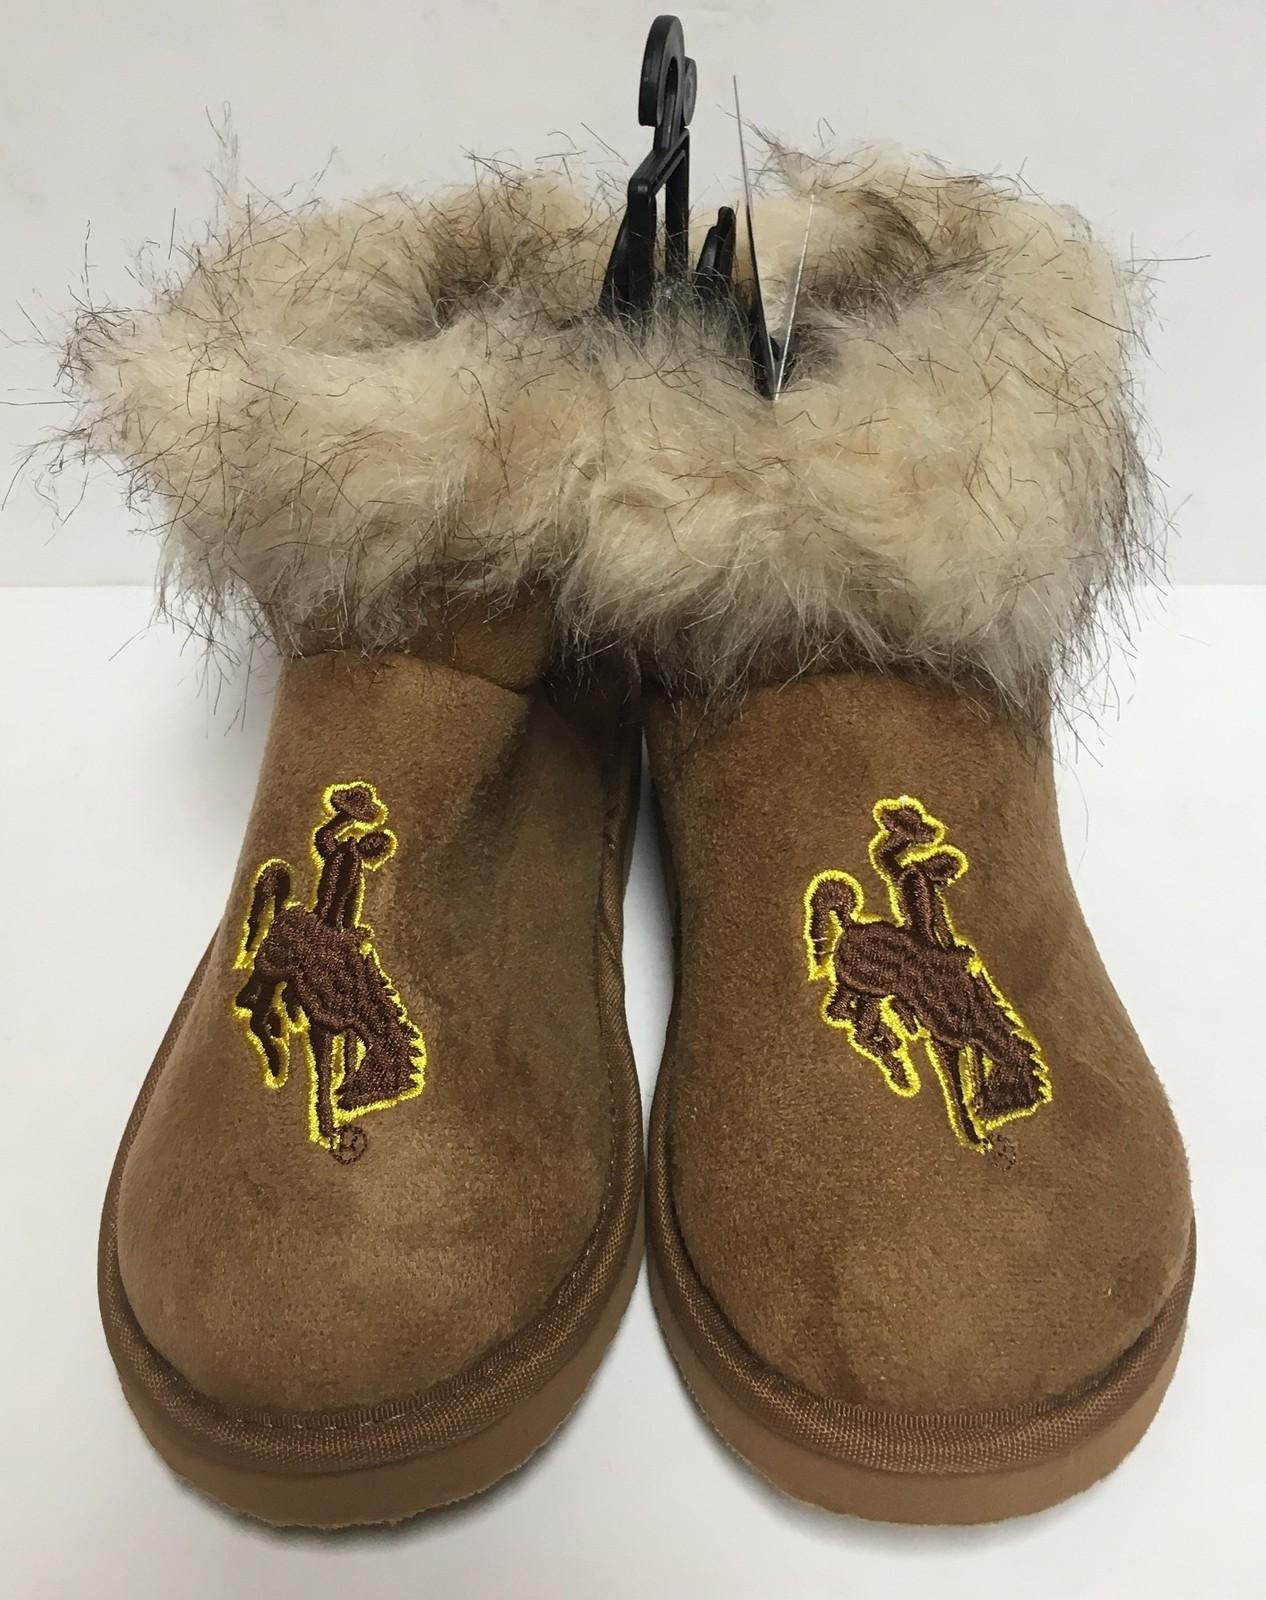 Wyoming University Boots Bucking Horse & Rider UW Logo Women's Many Sizes image 5